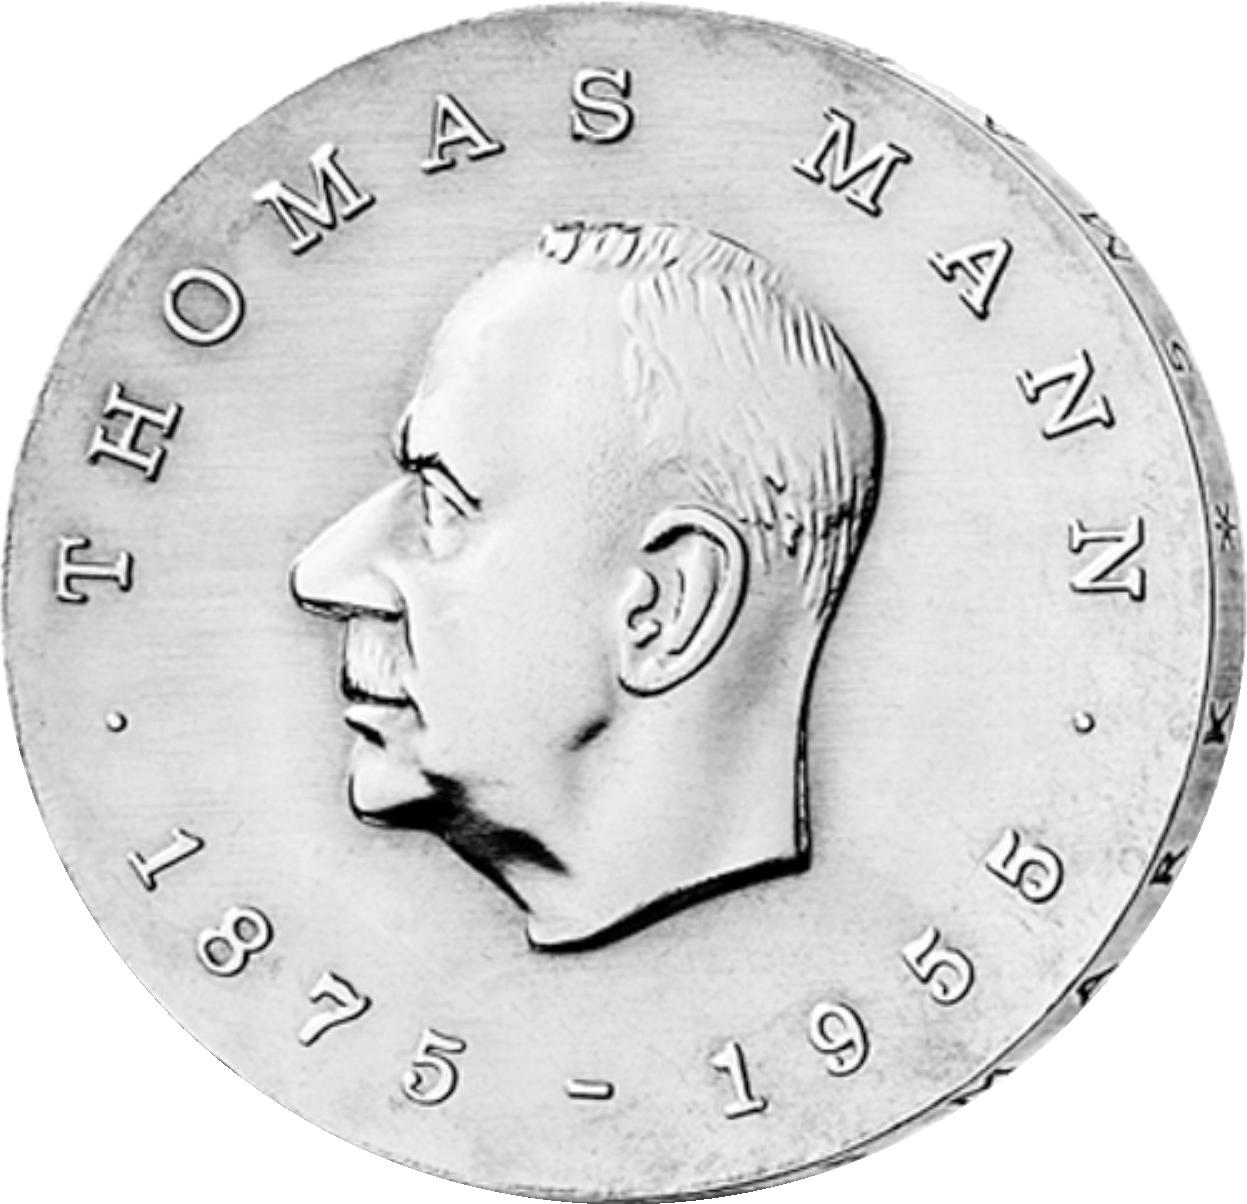 10 Mark Silber Münze Ddr Schinkel 1966 Münzen Günstigerde